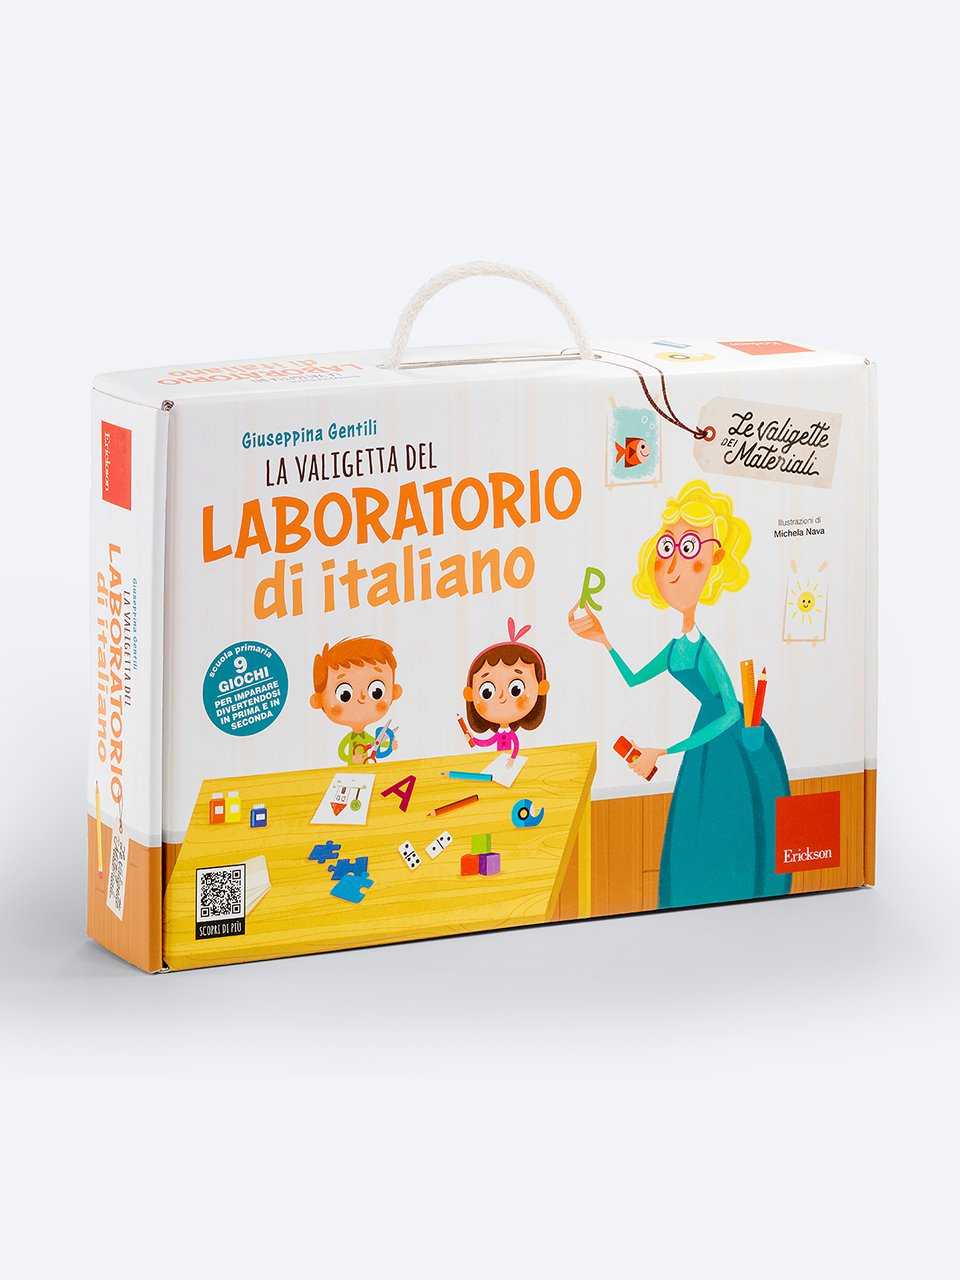 La valigetta del LABORATORIO DI ITALIANO - Schede per Tablotto (6-8 anni) - Grammatica incant - Giochi - Erickson